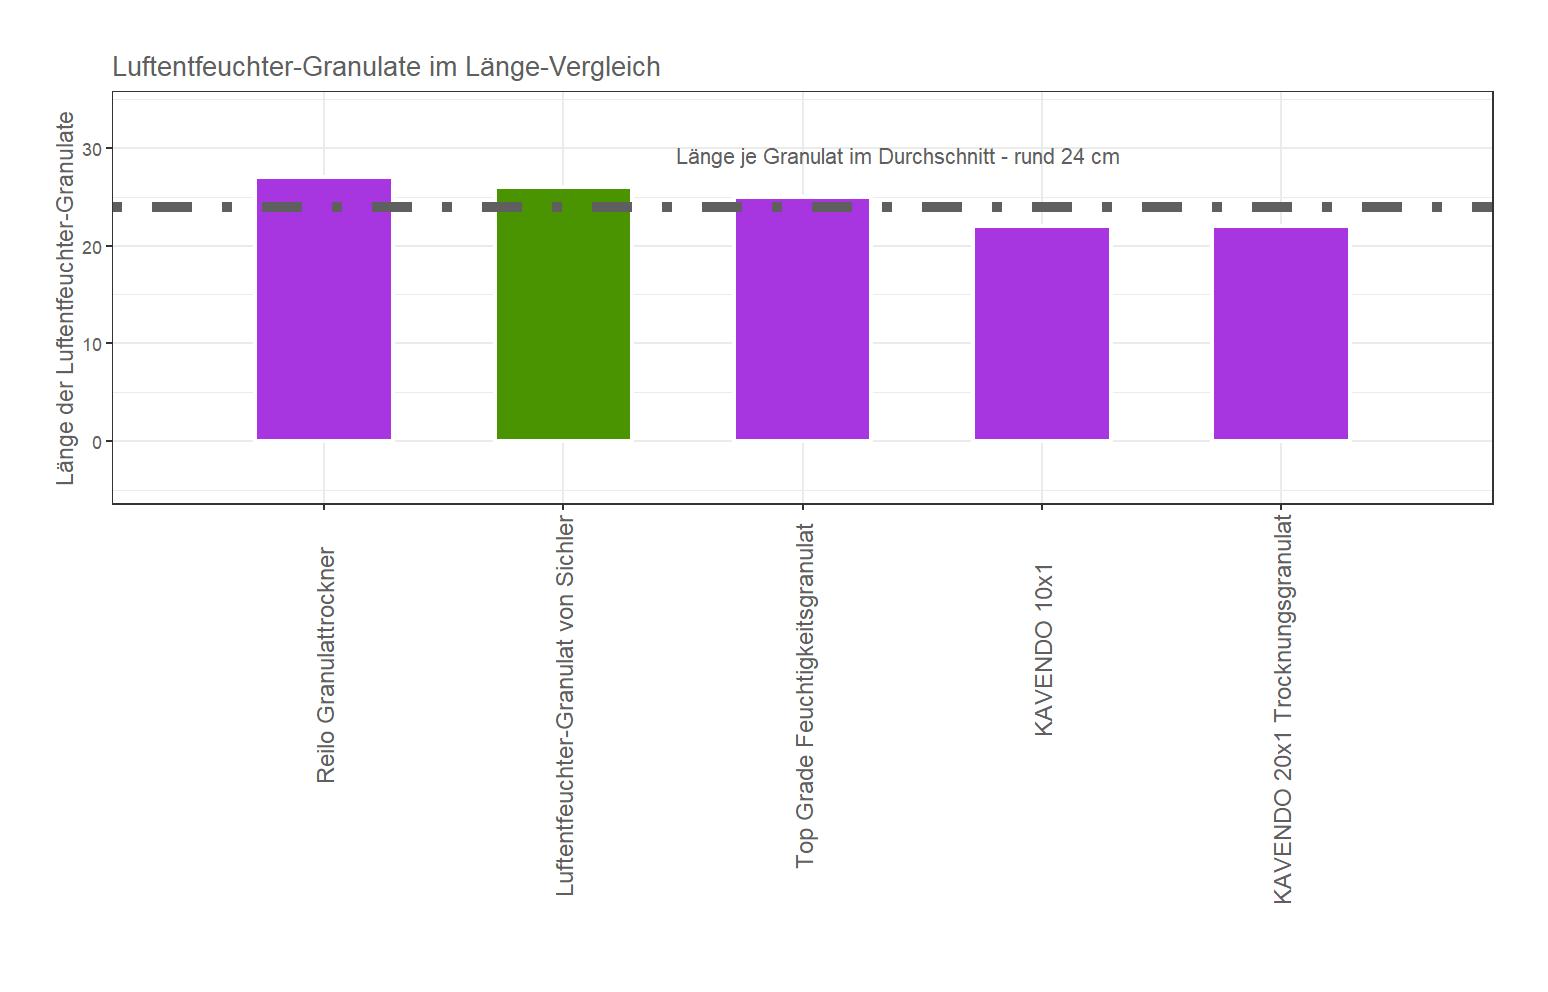 Länge-Vergleich von dem Sichler Luftentfeuchter-Granulat